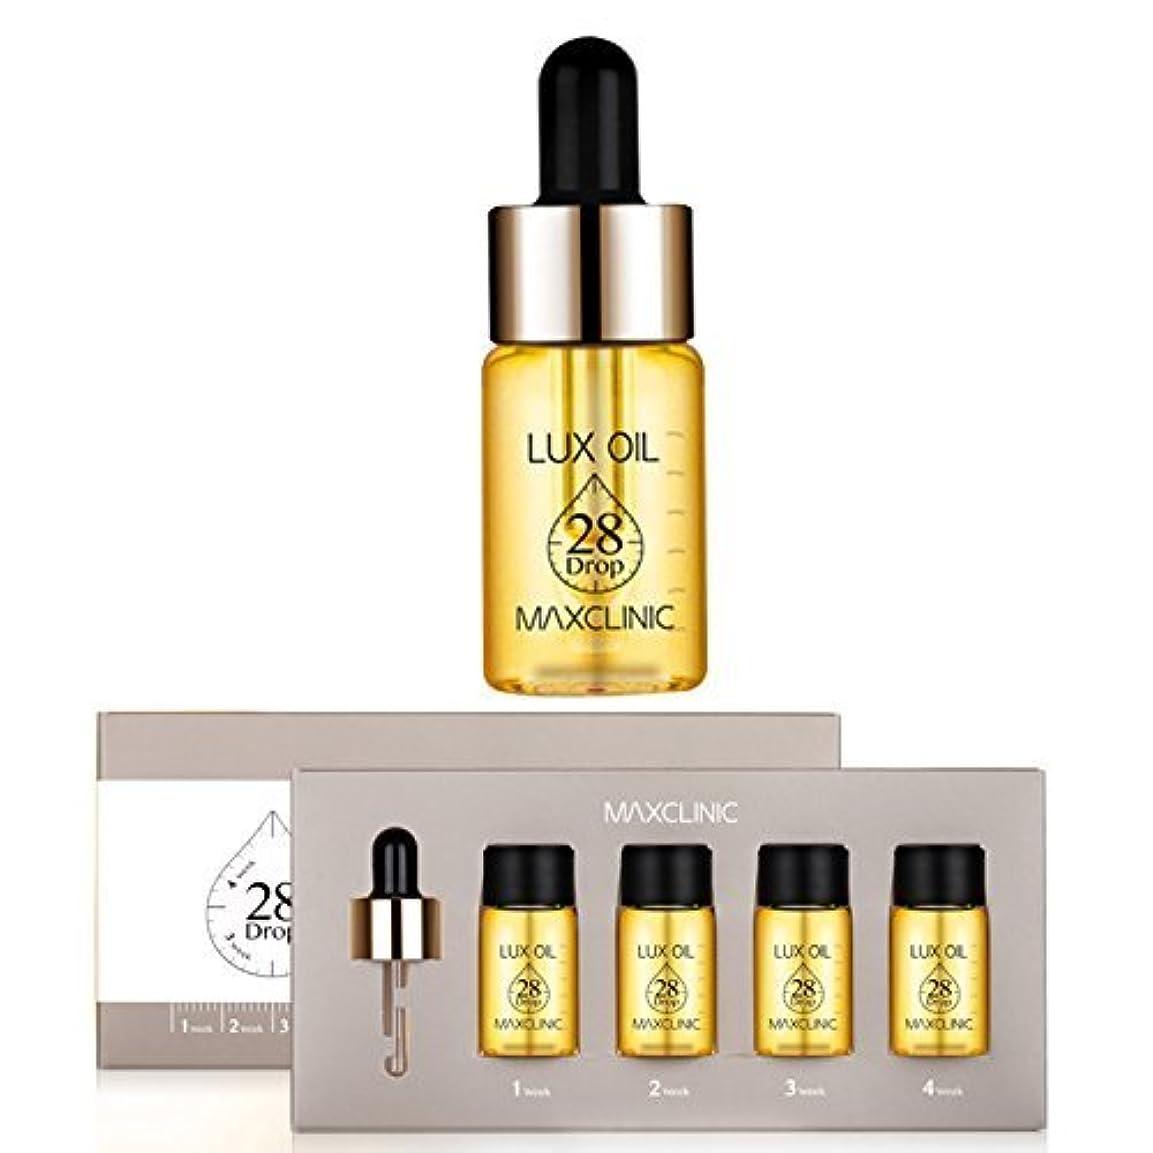 ページェント合金マナーマックスクリニック[韓国コスメMaxclinic]Lux Oil 28 Drop,Luxury spa oil ampoules ラックスオイル28ドロップ、ラグジュアリースパオイルアンプル10mlX4個 [並行輸入品]